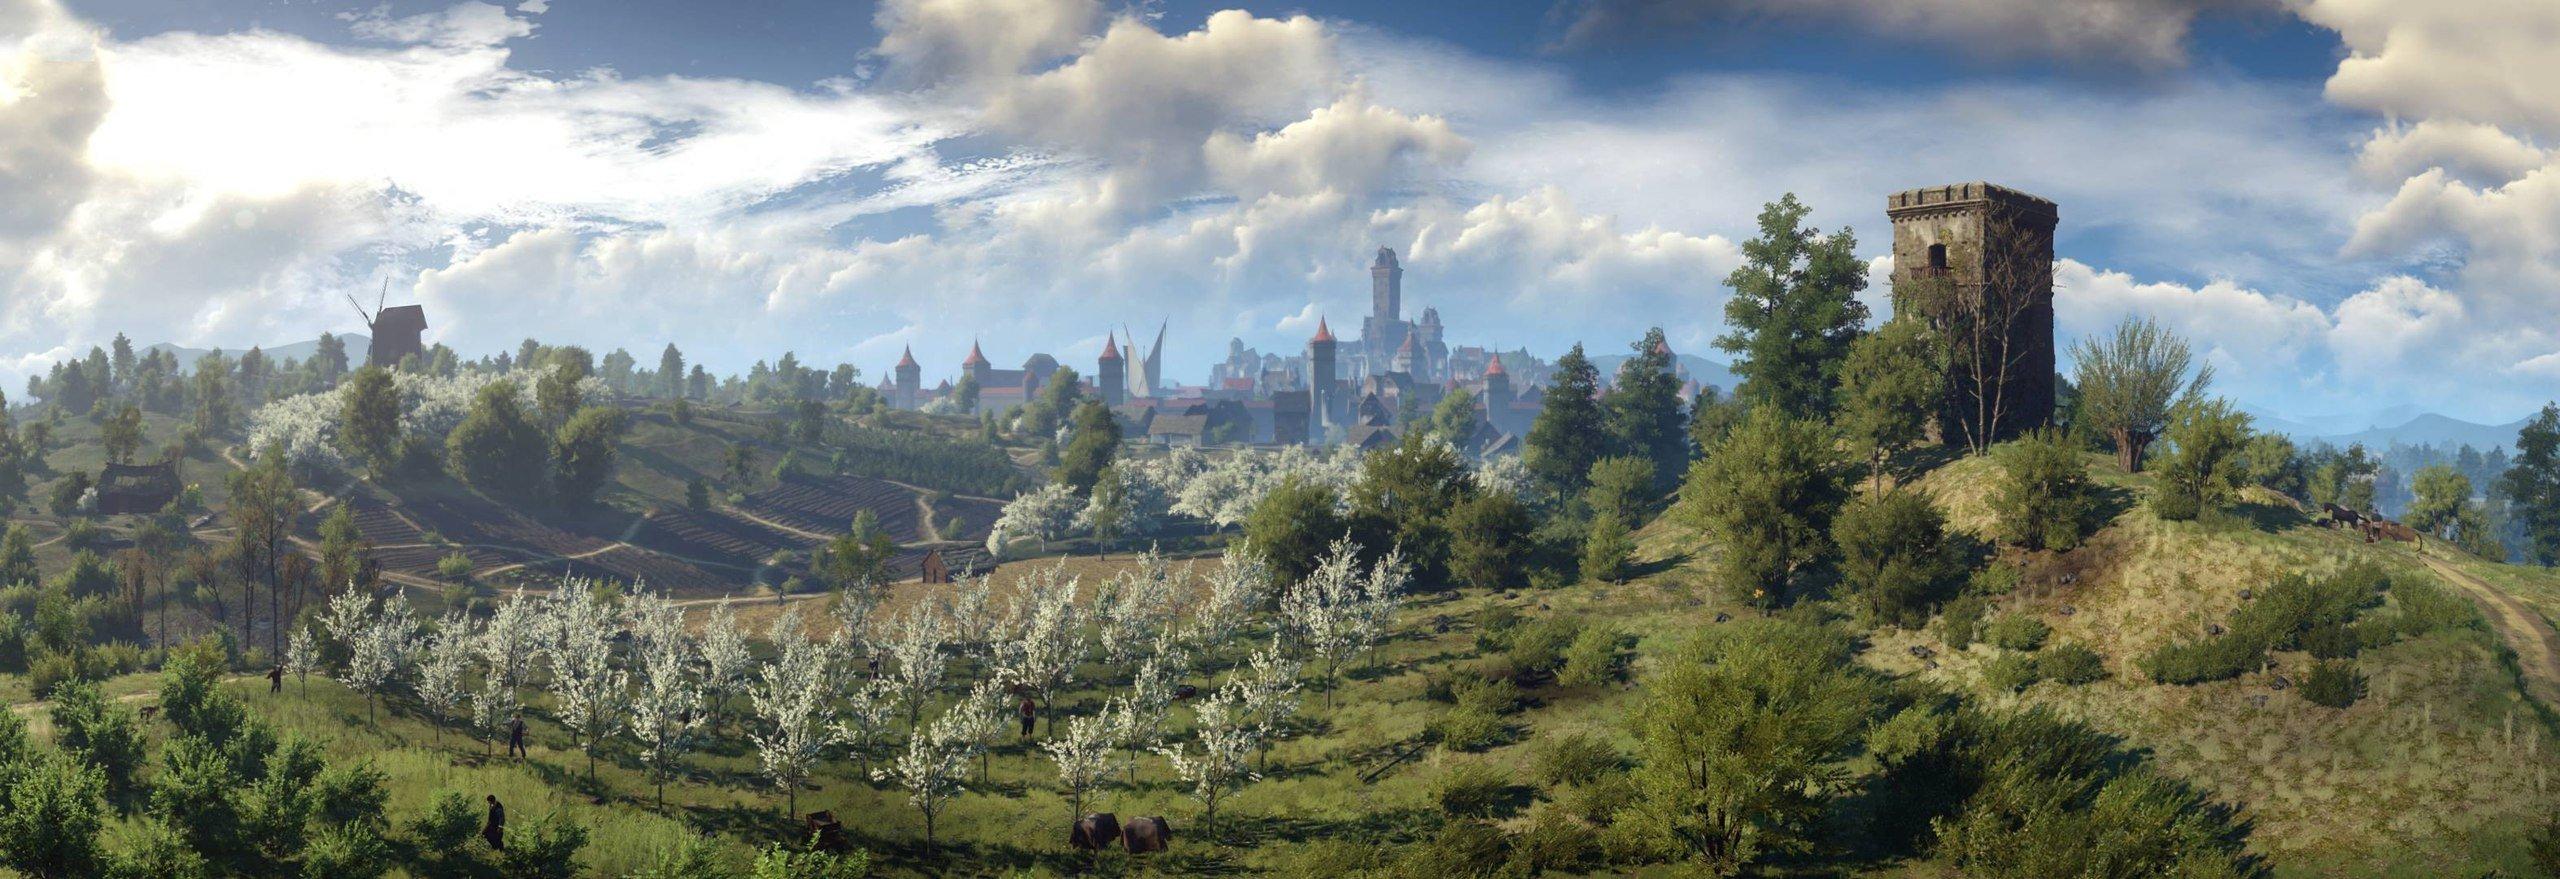 The Witcher 3: Wild Hunt. Новые факты. Вопросы и ответы.   -В игру возвращается один из прежних способов восстановле ... - Изображение 11